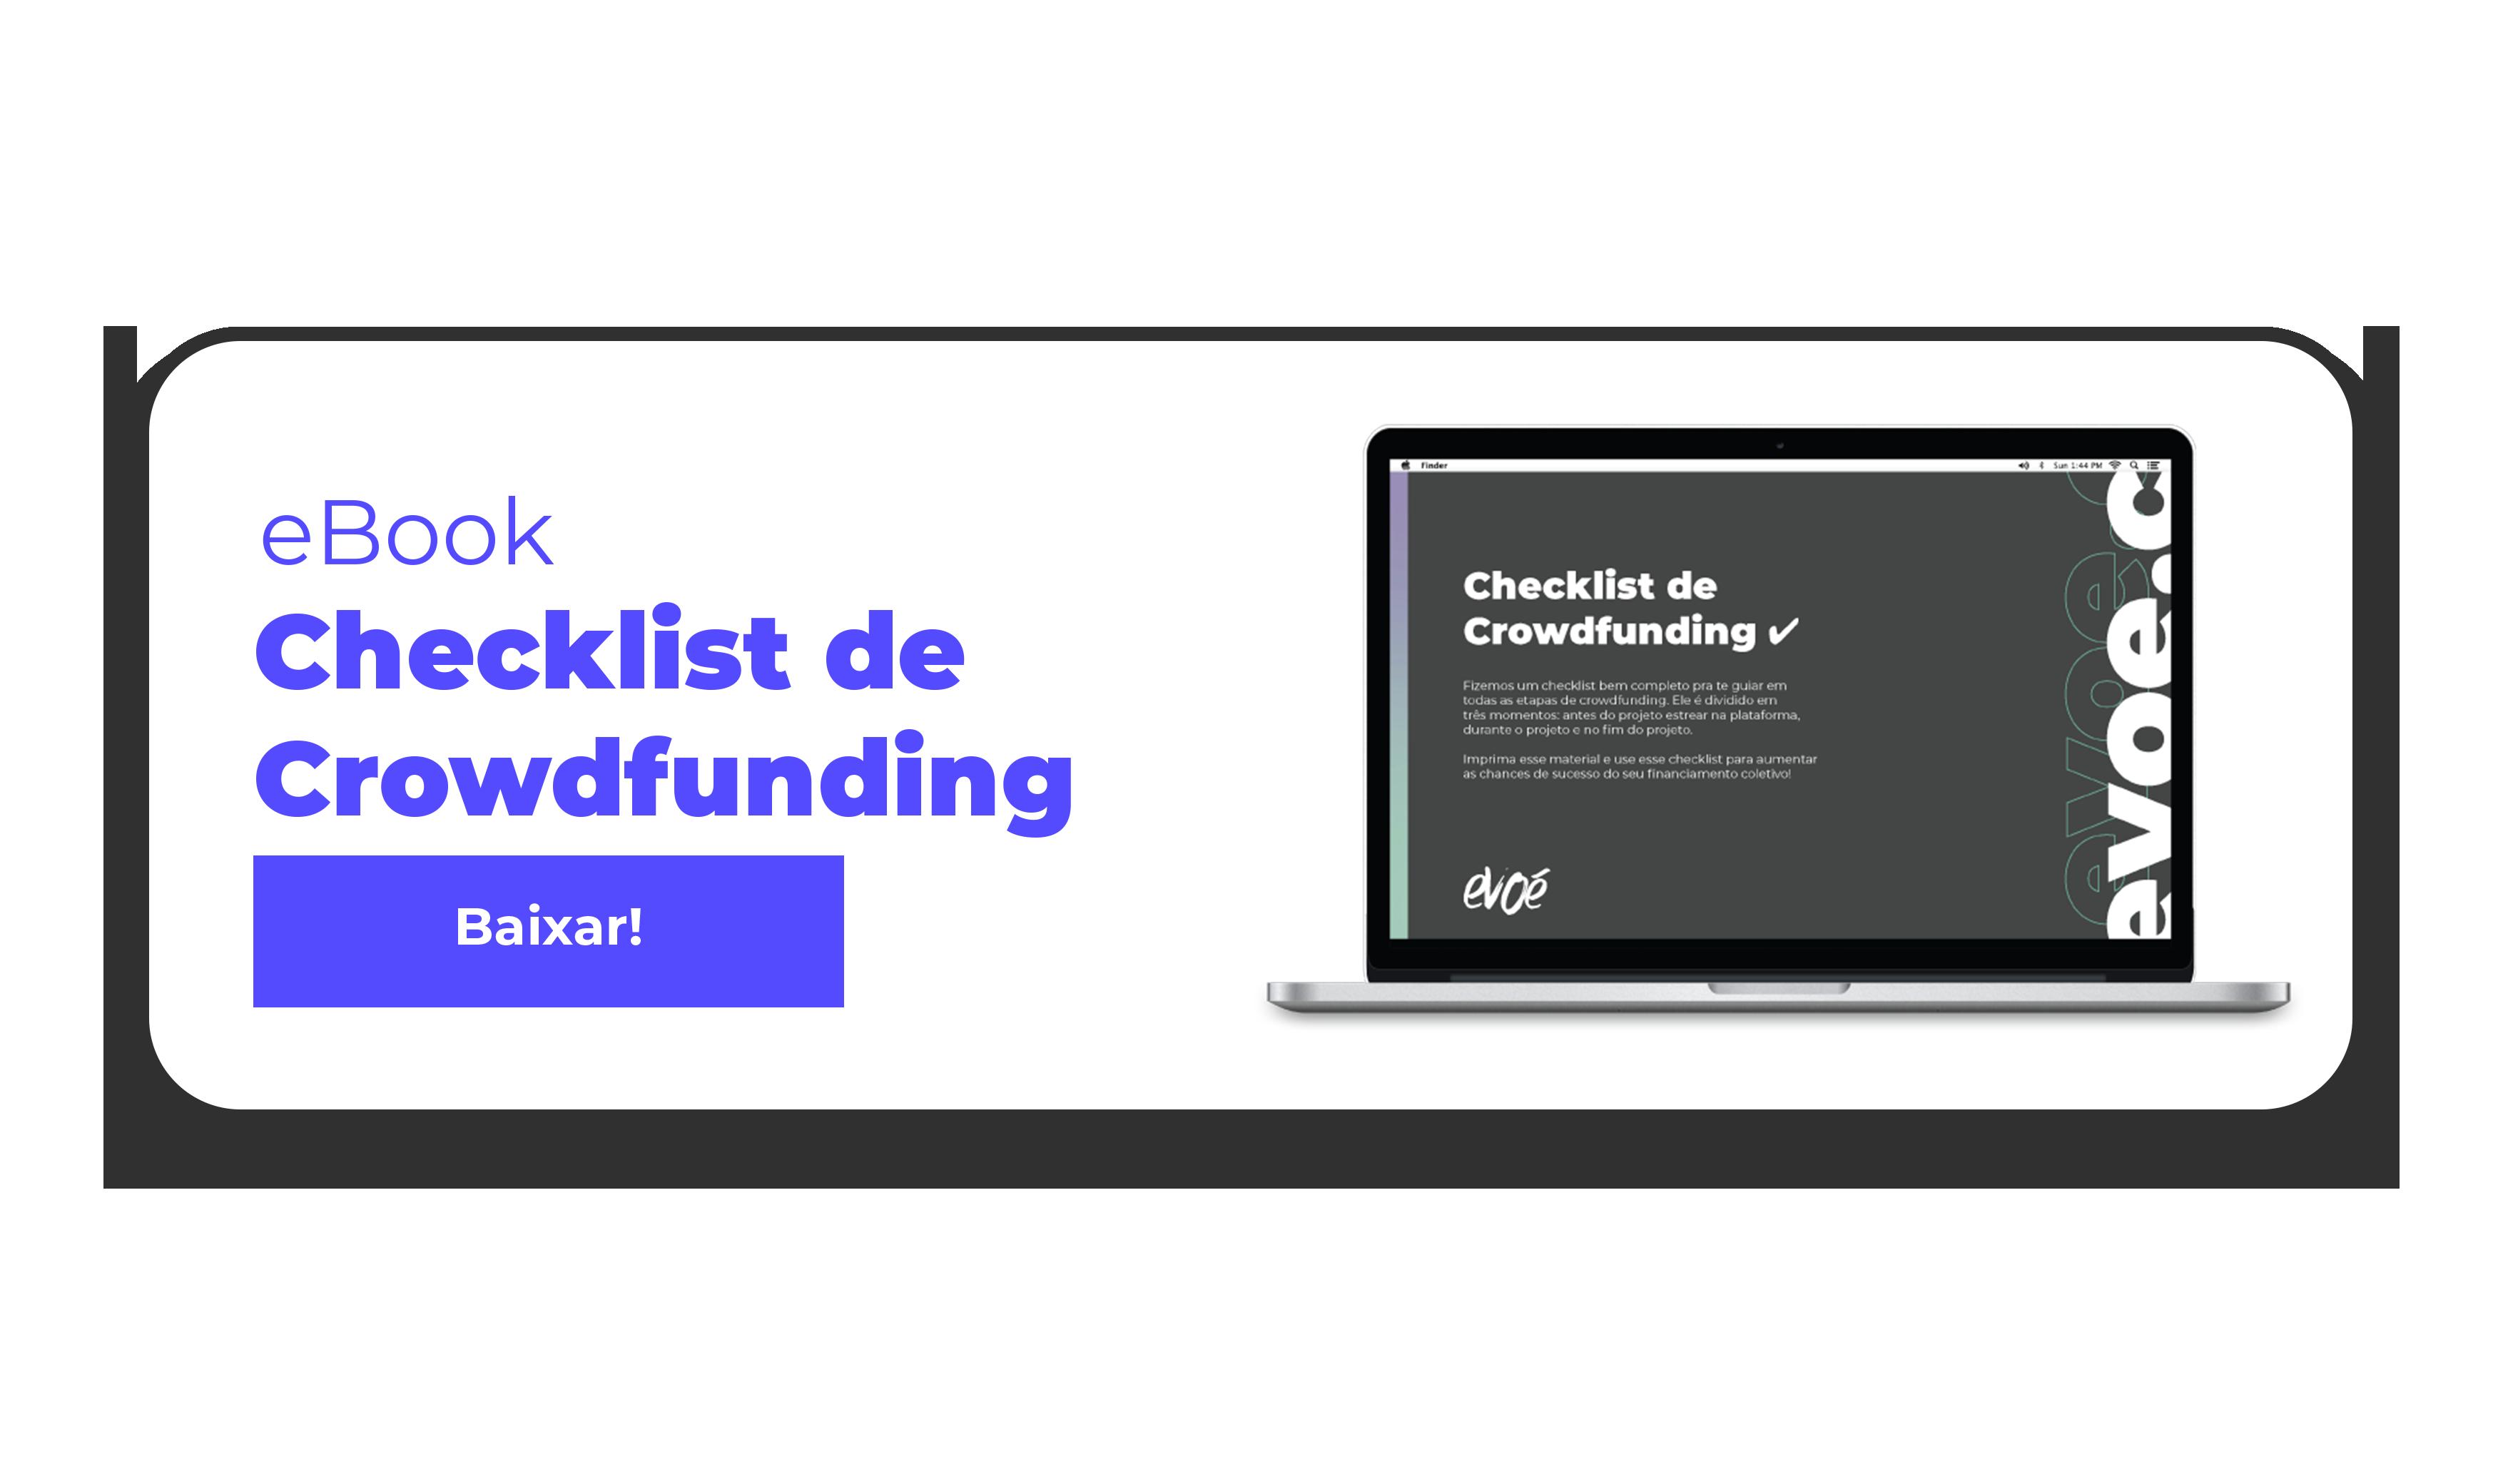 Checklist de crowdfunding